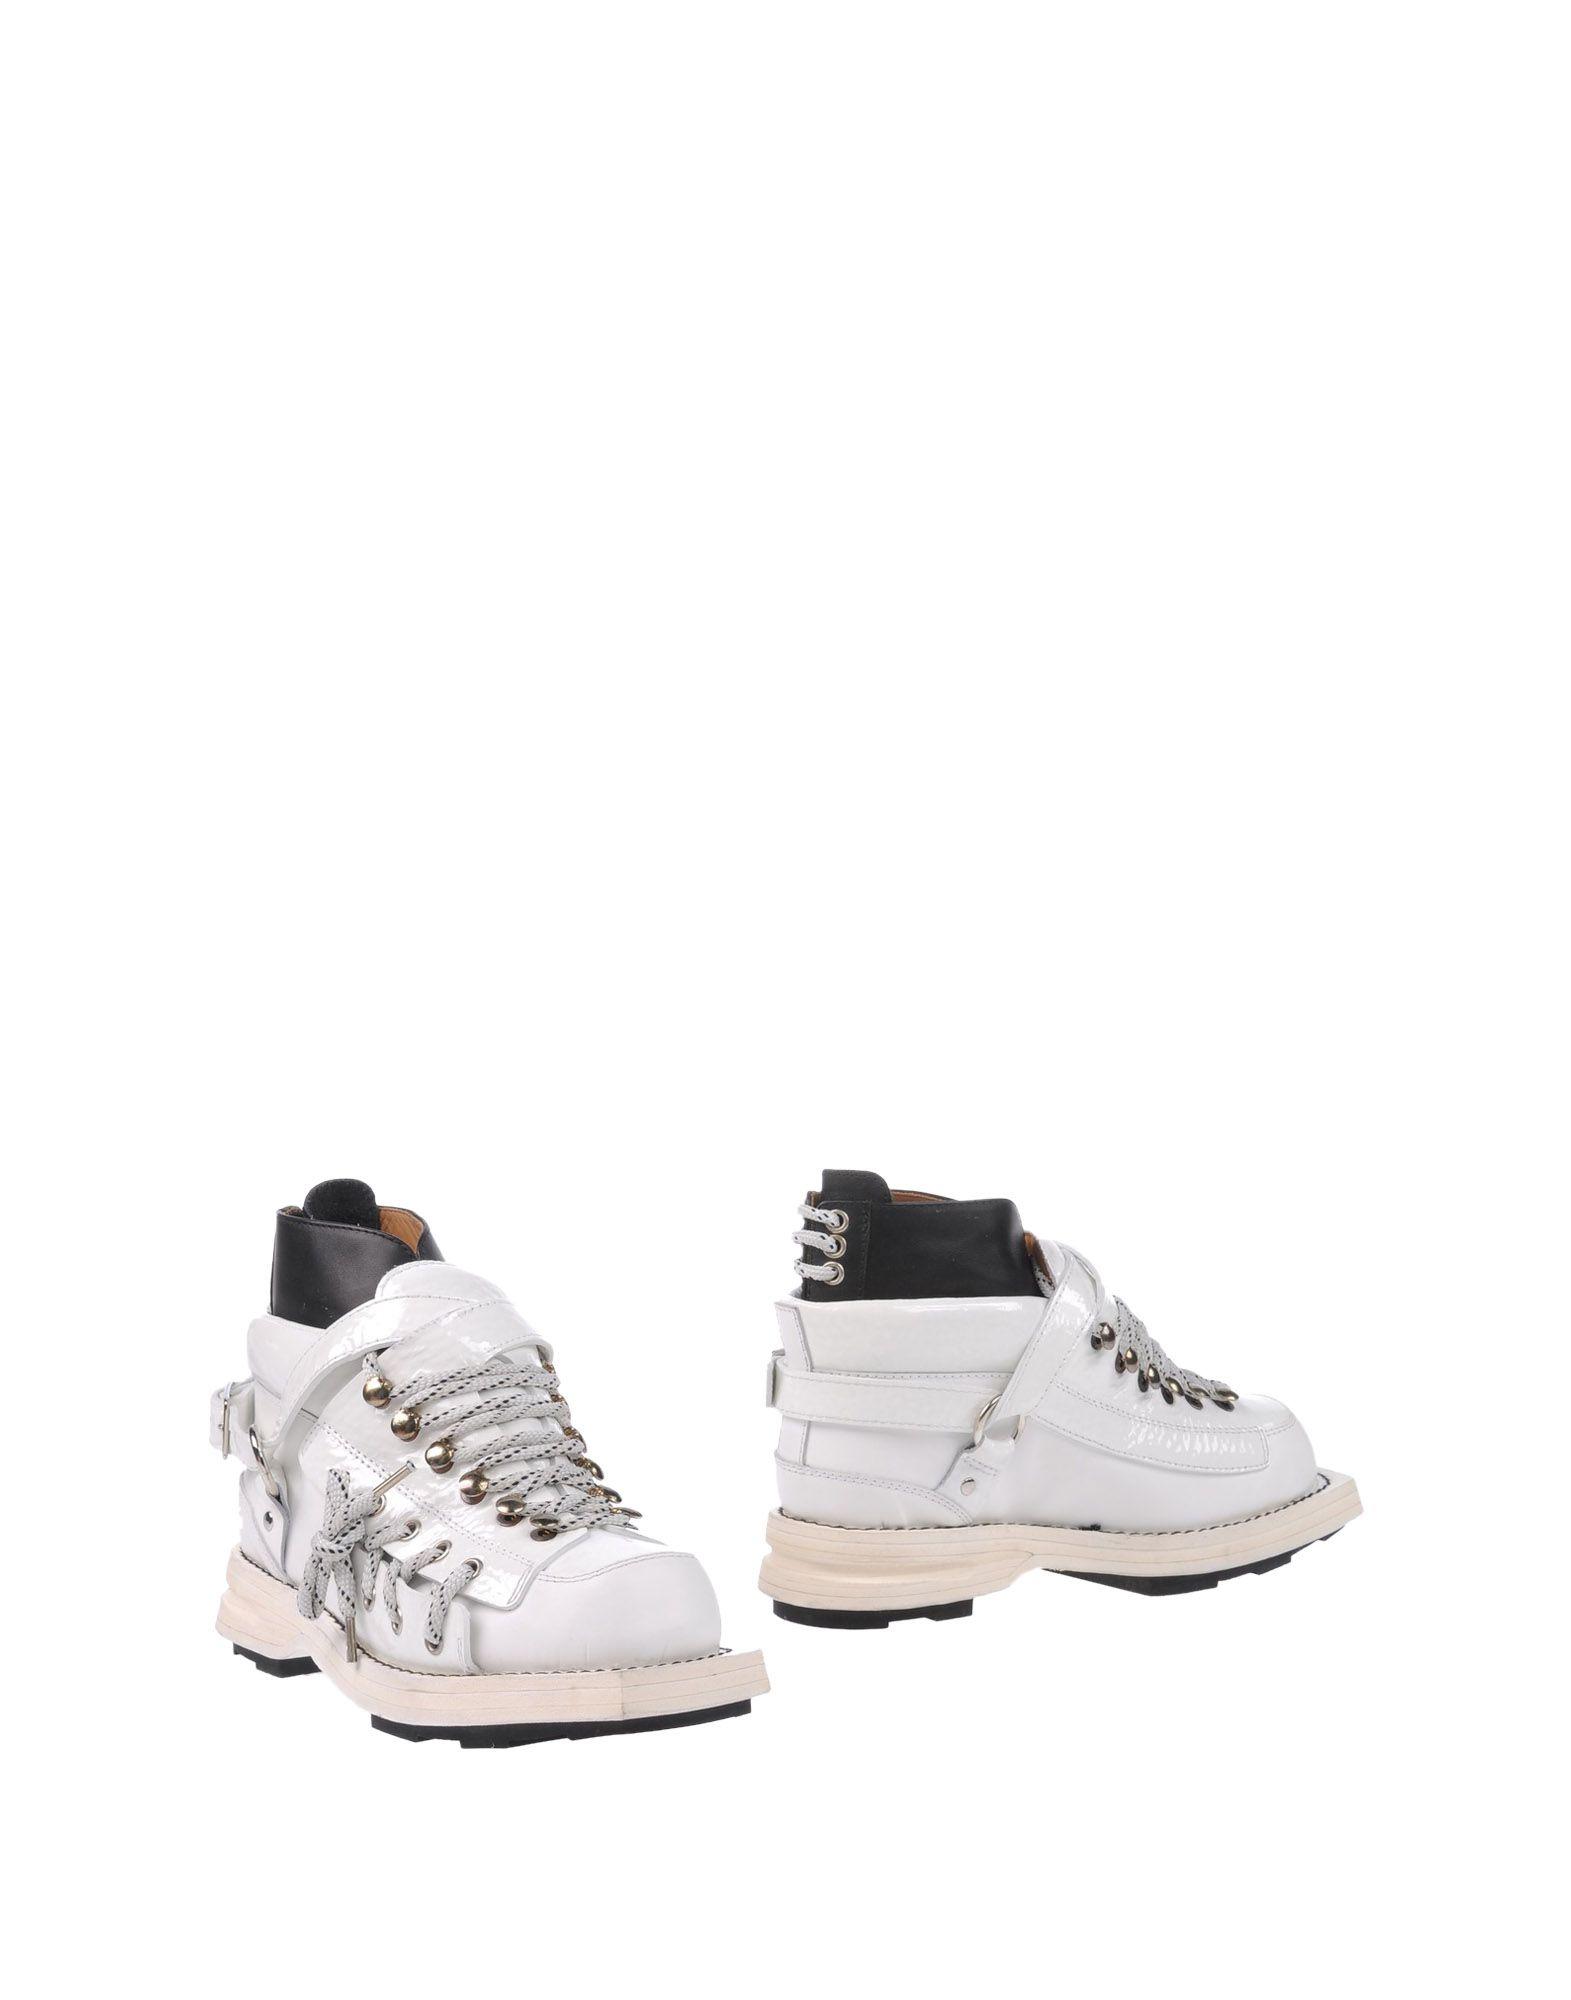 Bottine Acne Studios Femme - Bottines Acne Studios Blanc Chaussures femme pas cher homme et femme